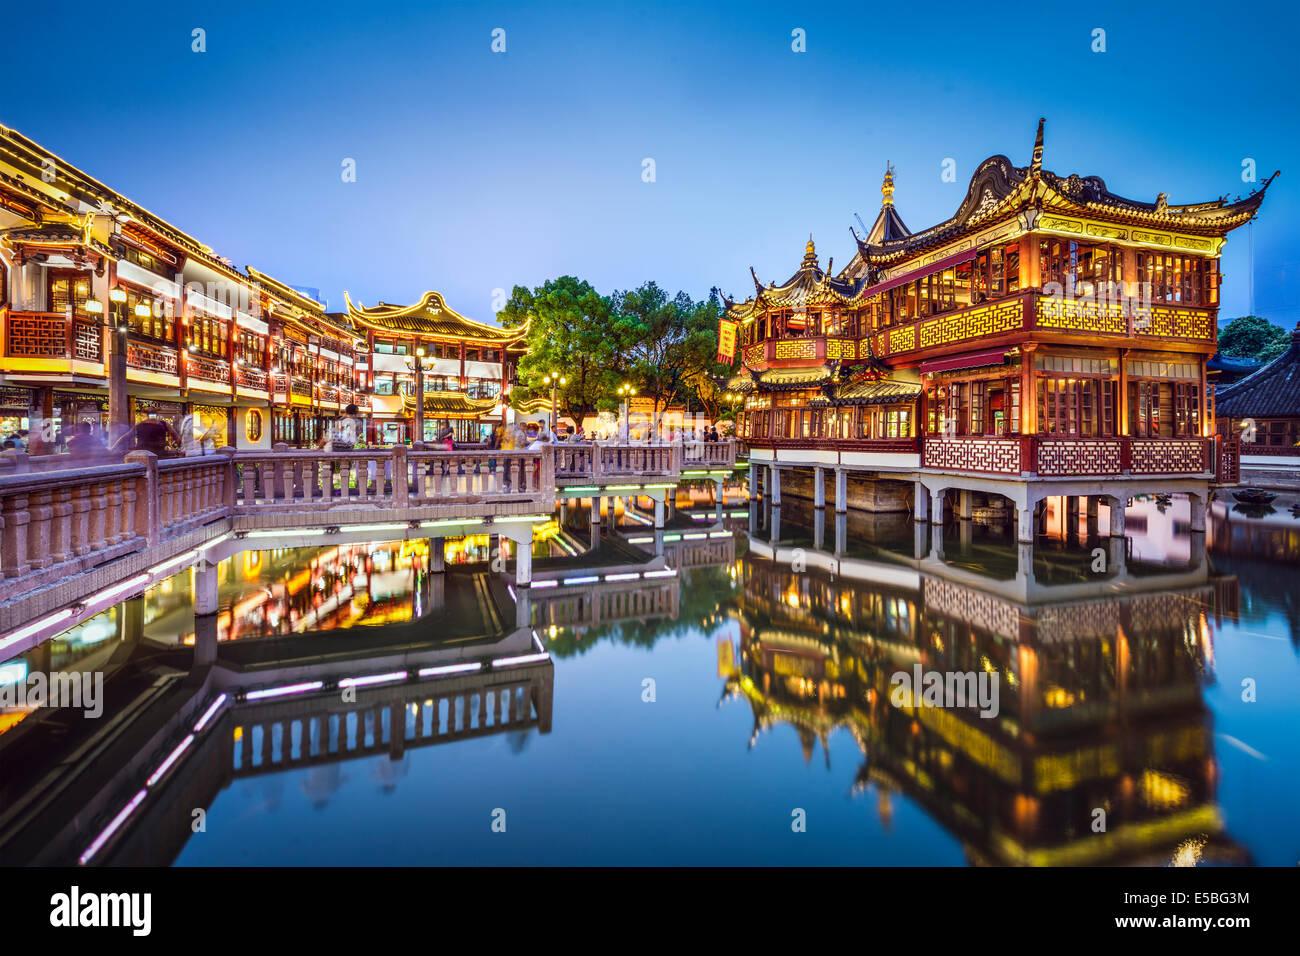 Shanghai, China at Yuyuan Gardens. - Stock Image